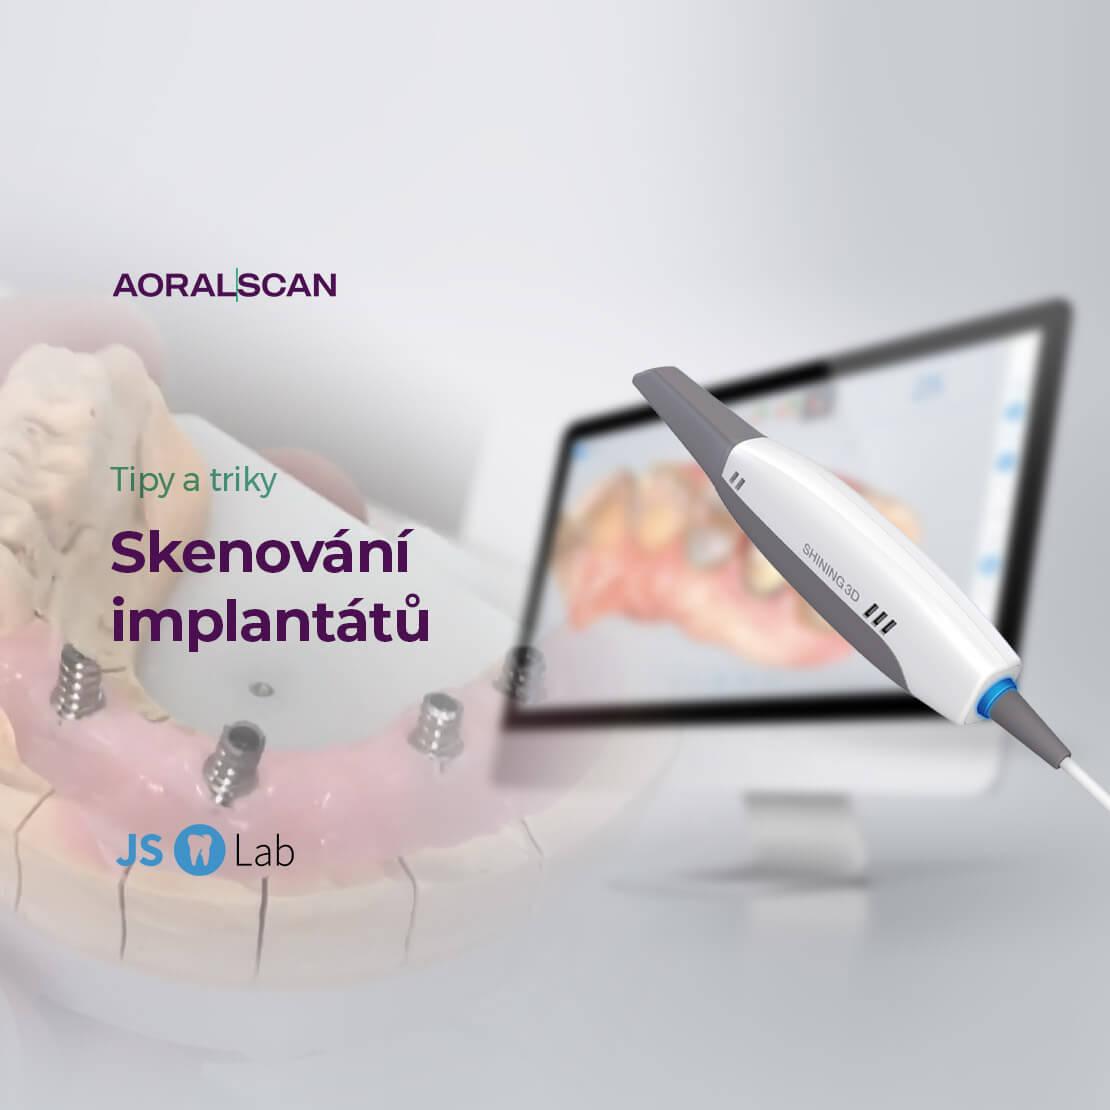 Skenování implantátů